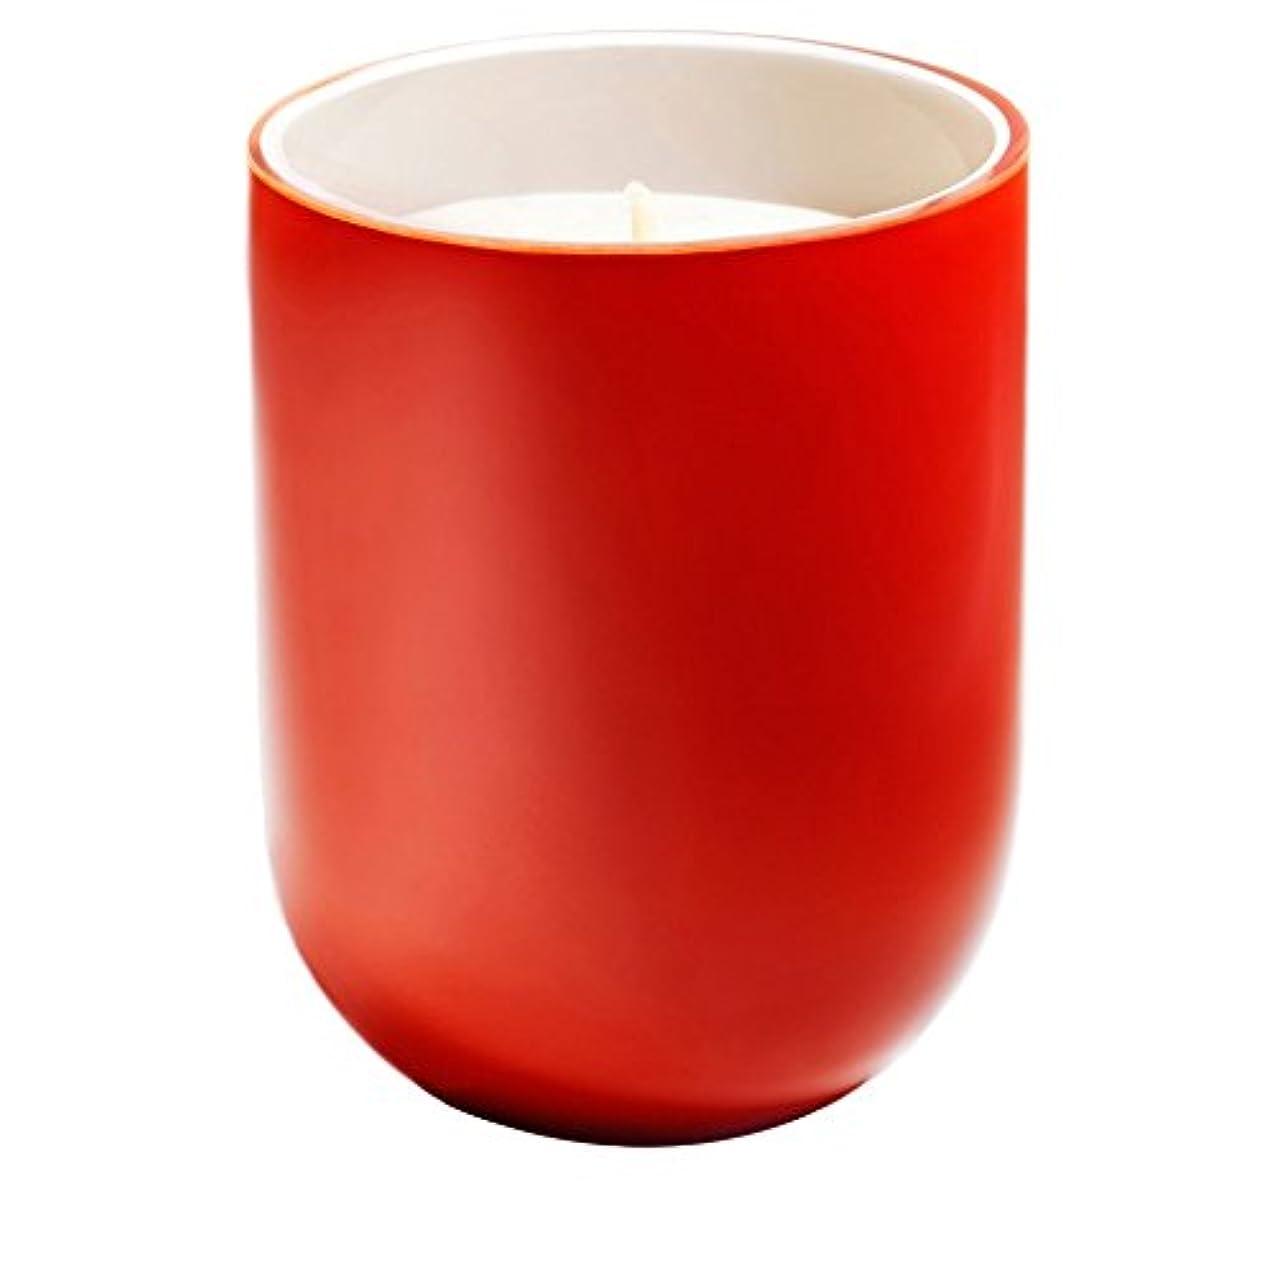 正当な気分が悪いスカープフレデリック?マルカフェ社会の香りのキャンドル x6 - Frederic Malle Caf? Society Scented Candle (Pack of 6) [並行輸入品]